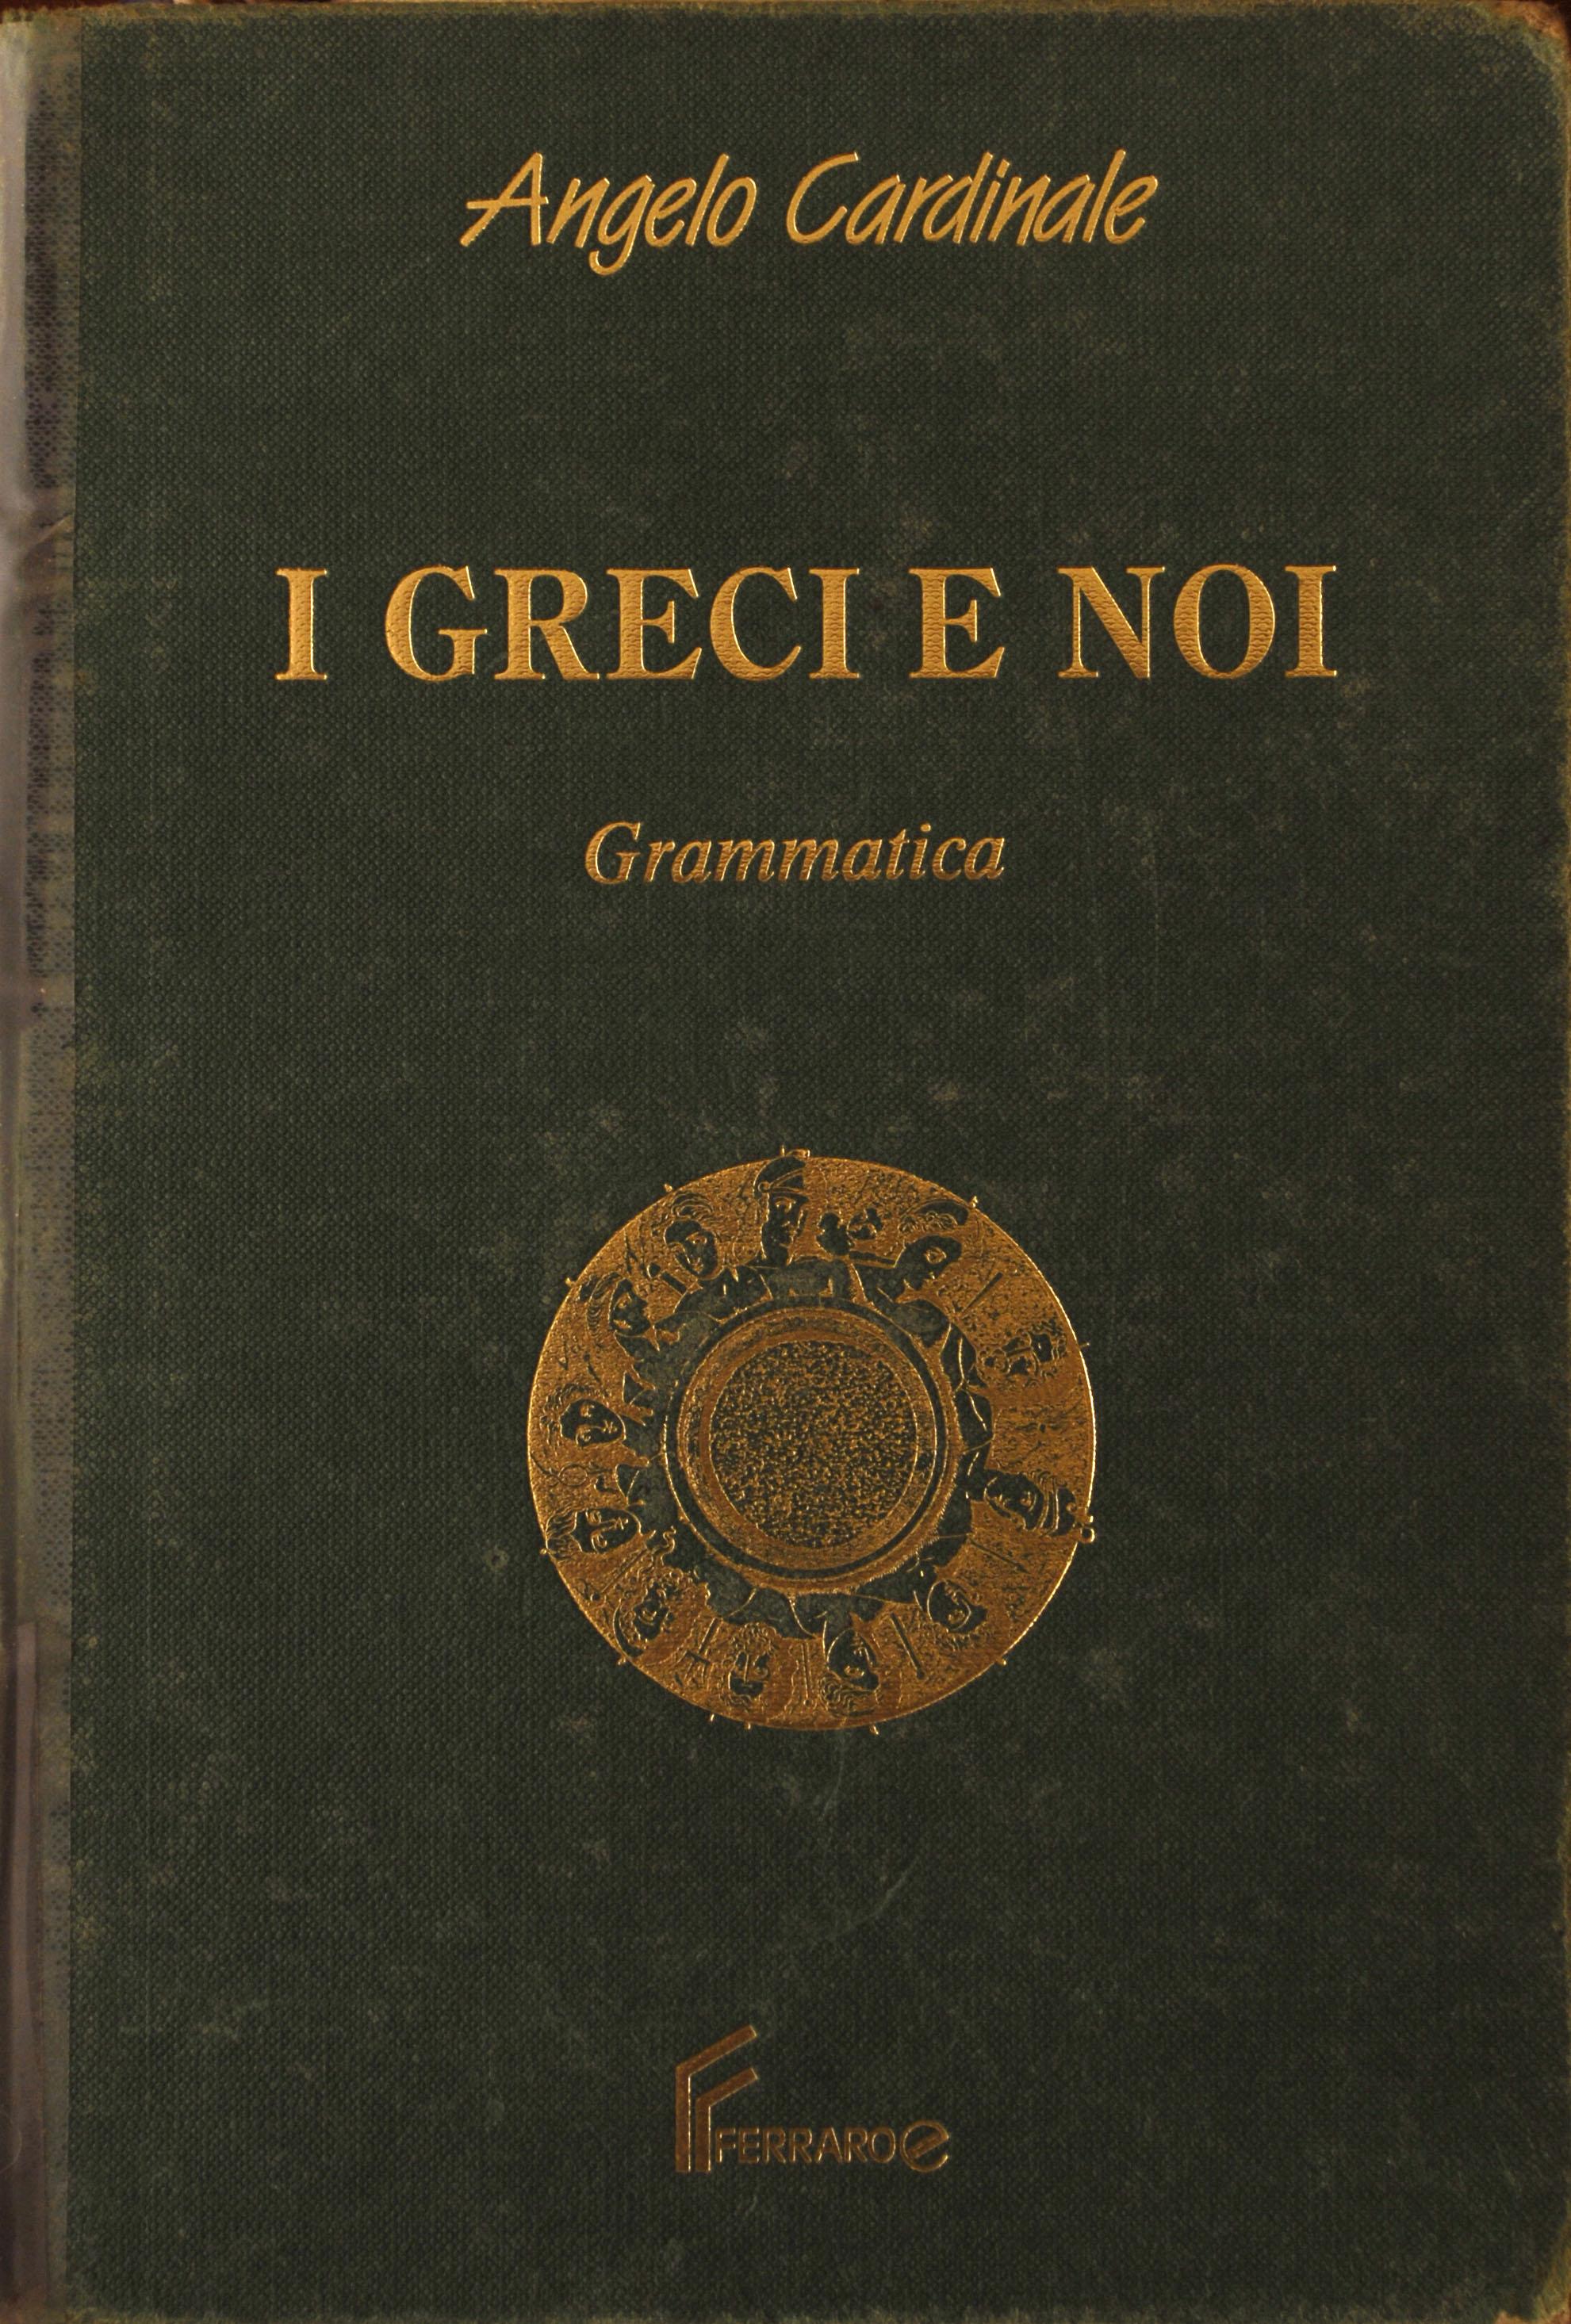 I Greci e noi - I